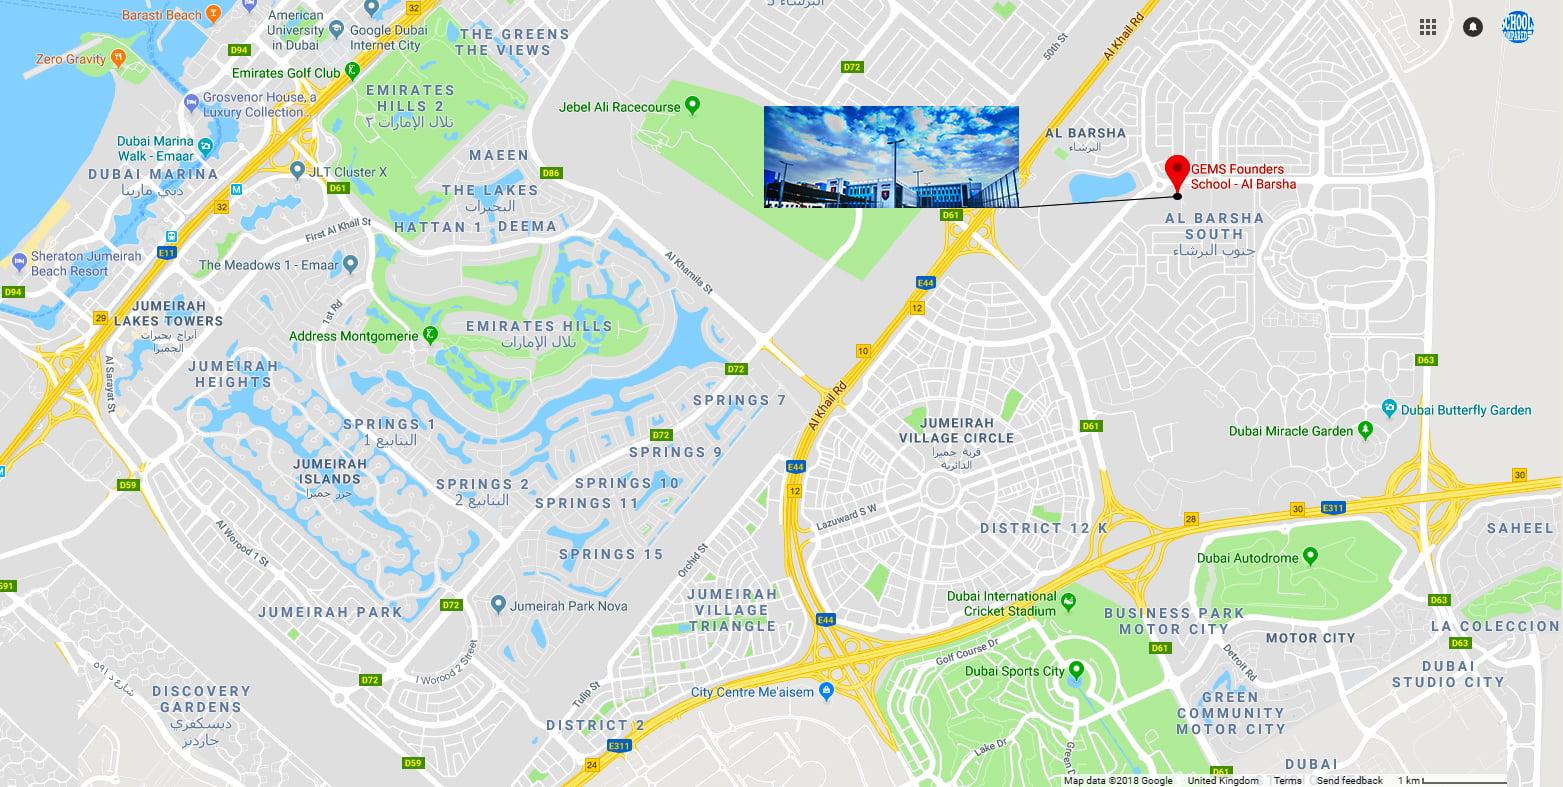 Karte mit dem Standort der GEMS Founders School in Dubai einschließlich Wegbeschreibung zur Schule